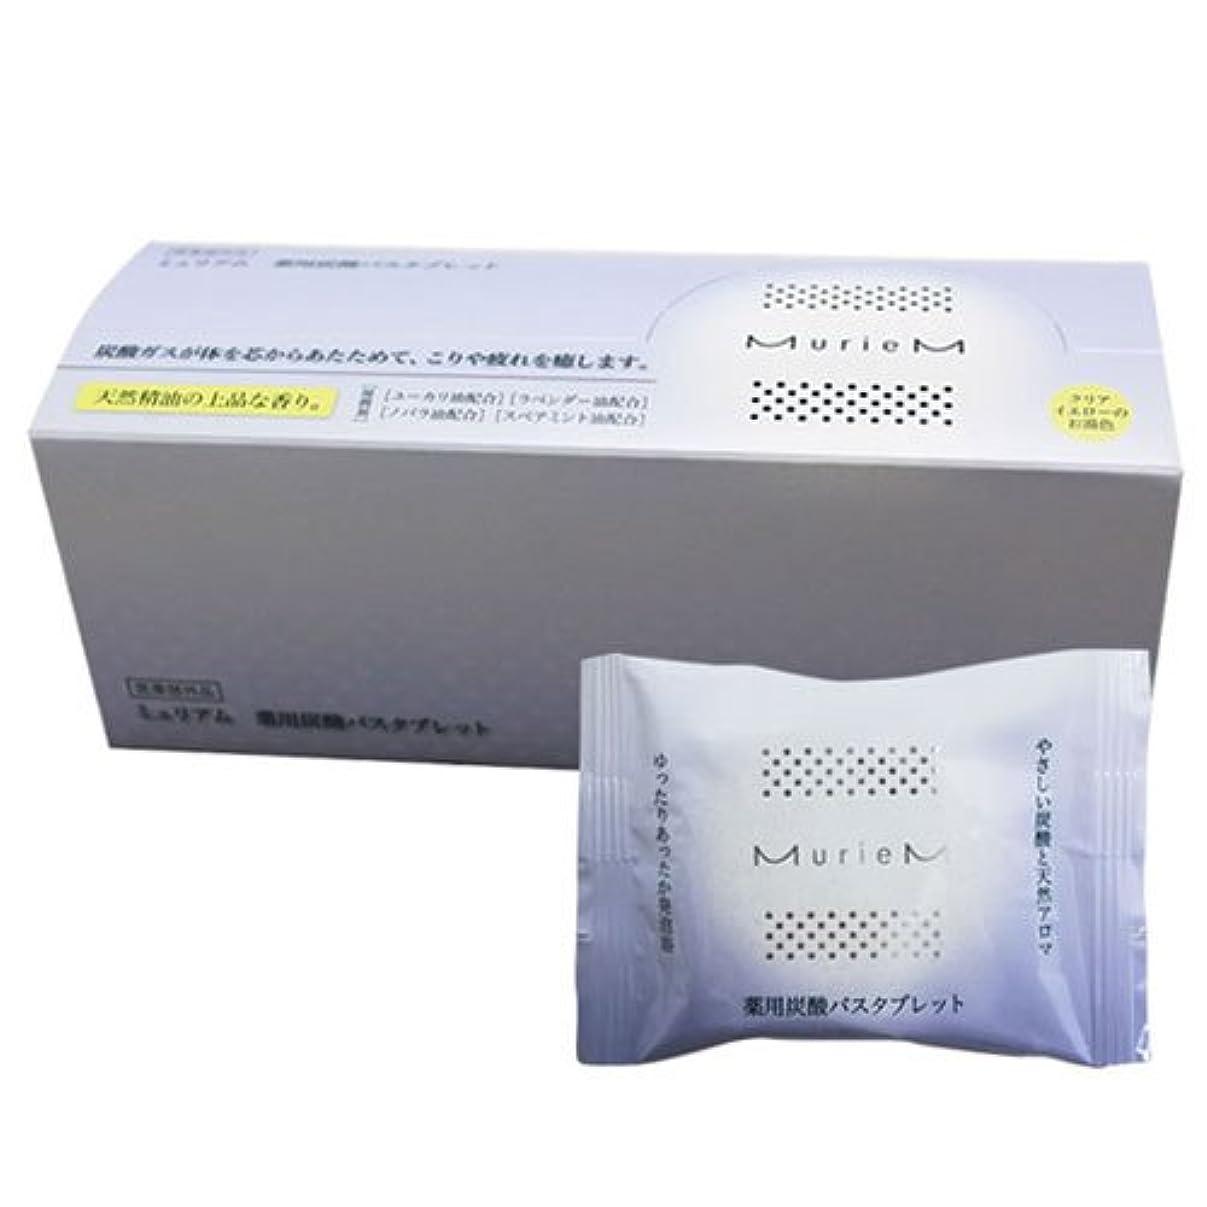 入場スキャン本気ナンバースリー ミュリアム 薬用炭酸バスタブレット 30g×10包 [医薬部外品]